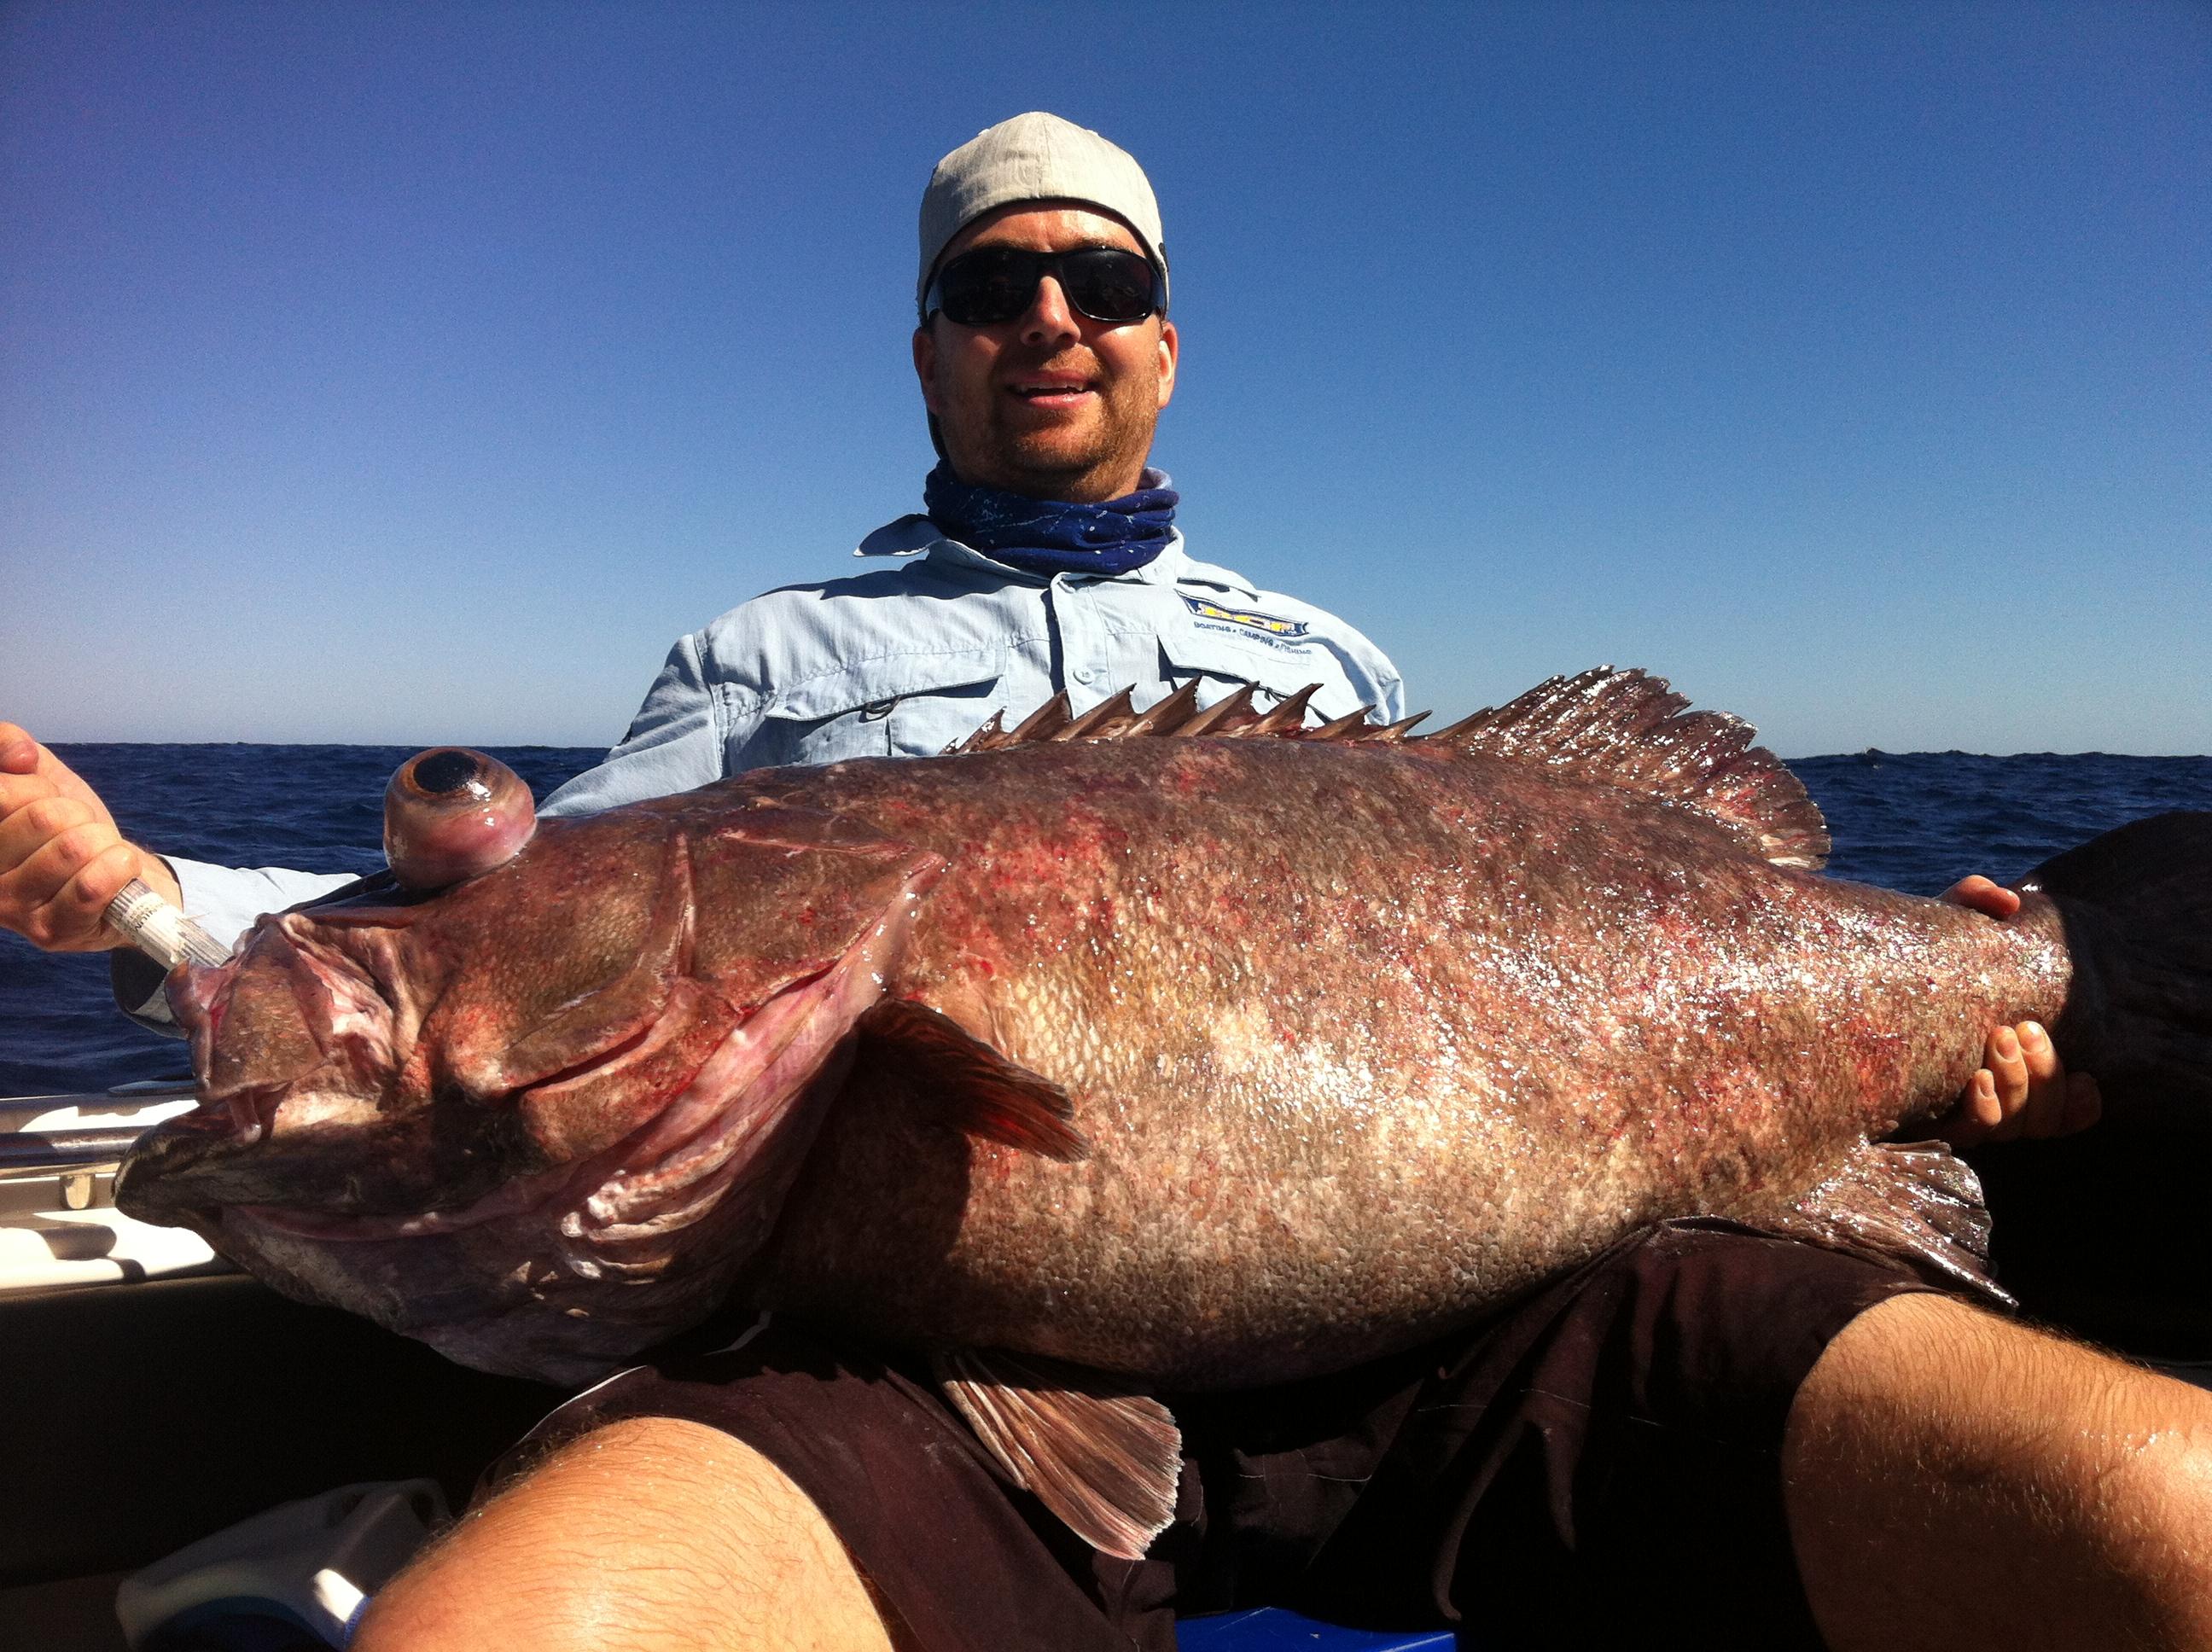 Deep drop bass fishing fishing wa for Bass fishing washington